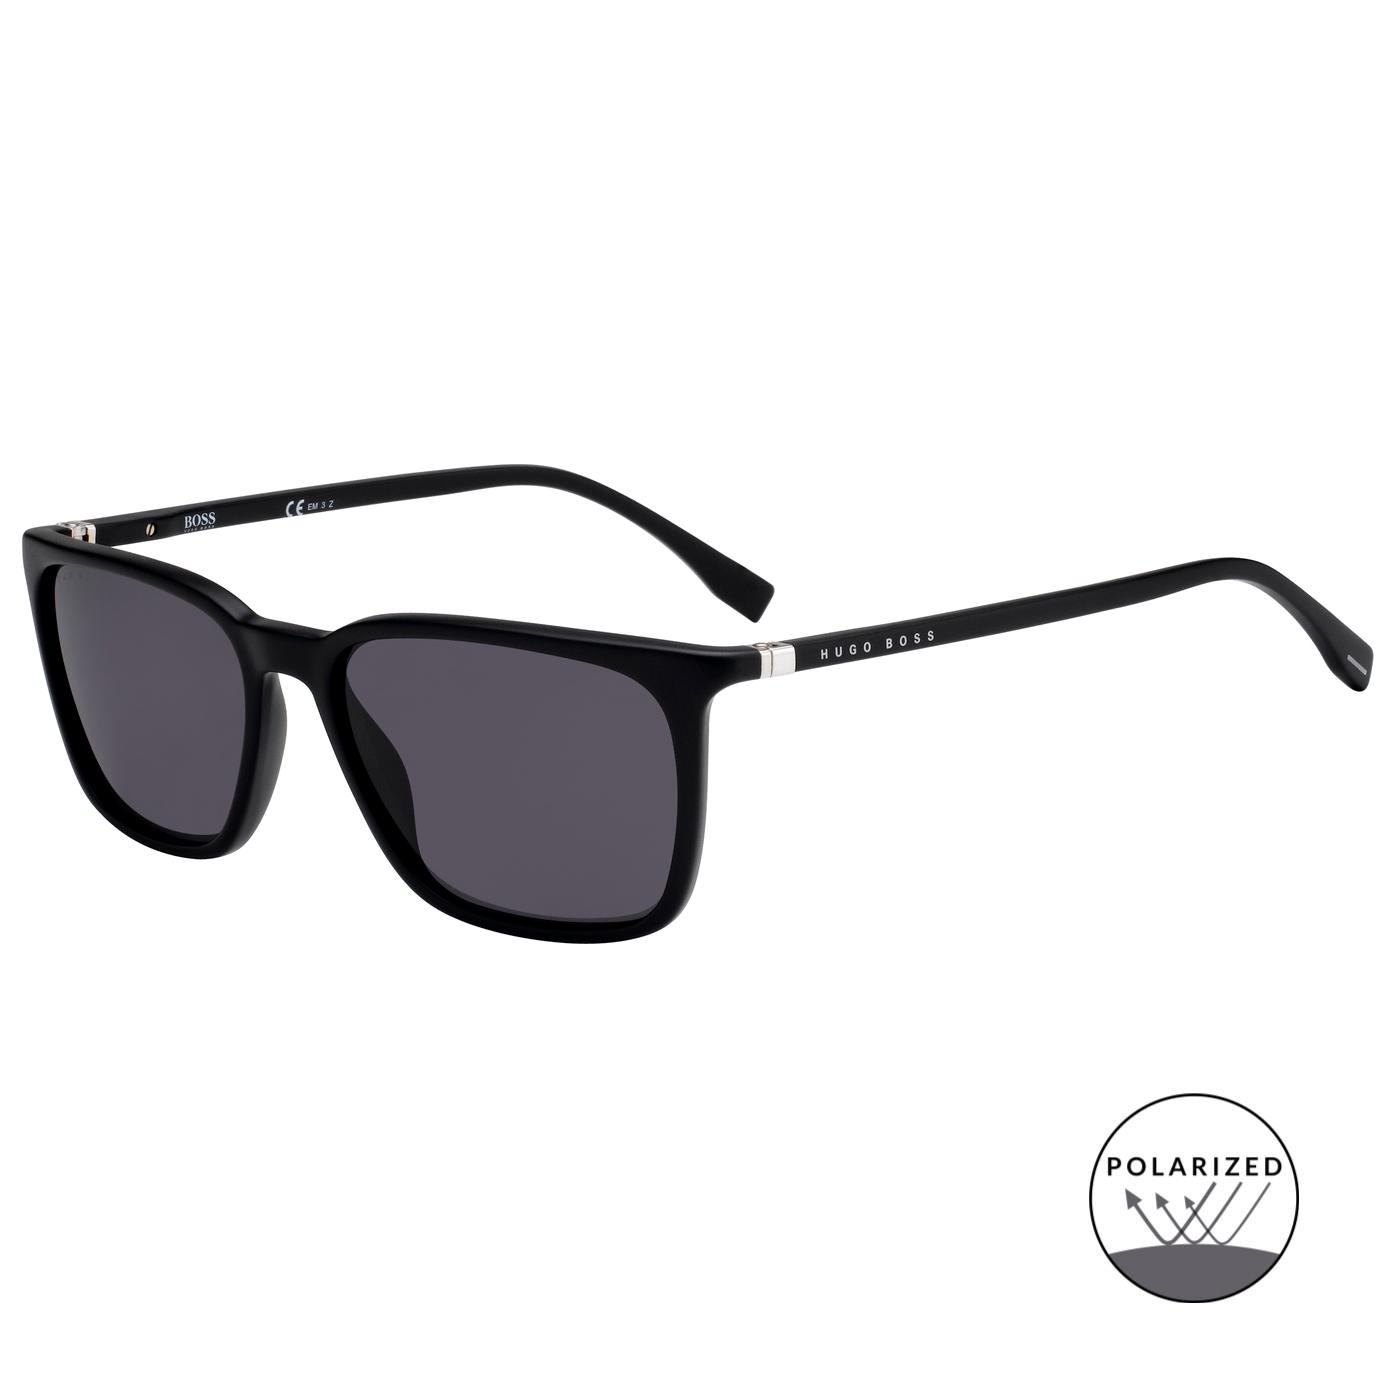 Bilde av Boss Matt Black Polarized Sunglasses BOSS 0959S 003 56 M9